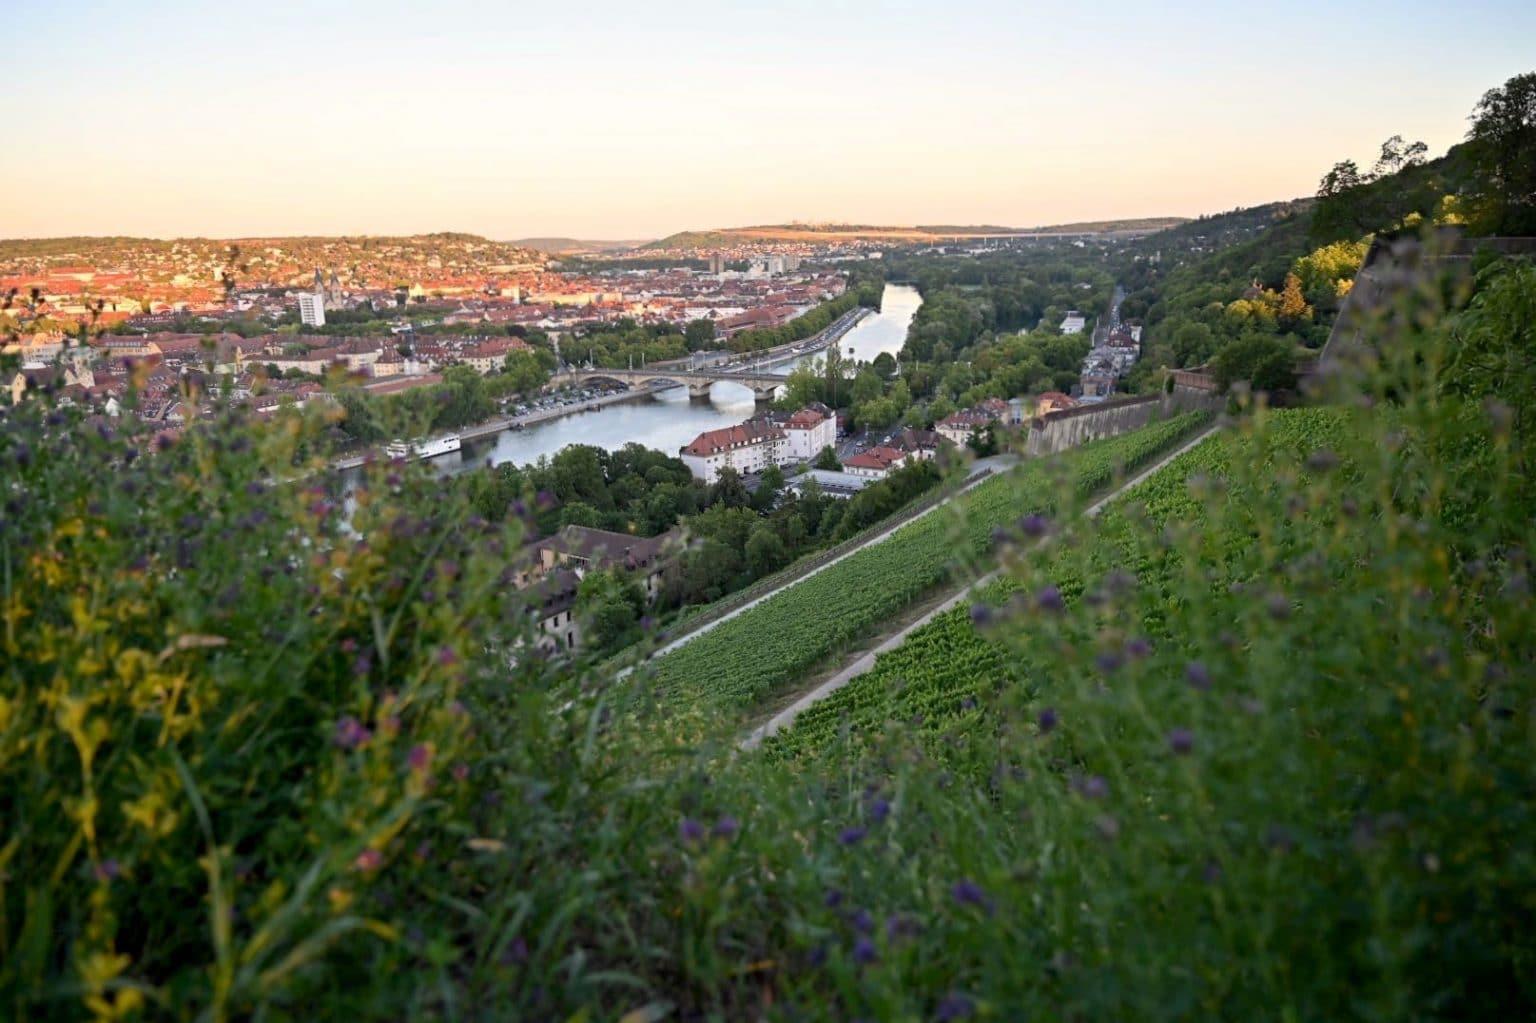 wuerzburg sehenswuerdigkeiten tipps 15 1536x1023 1 - Ein Reisejahr in Bildern - Eindrücke & Erlebnisse